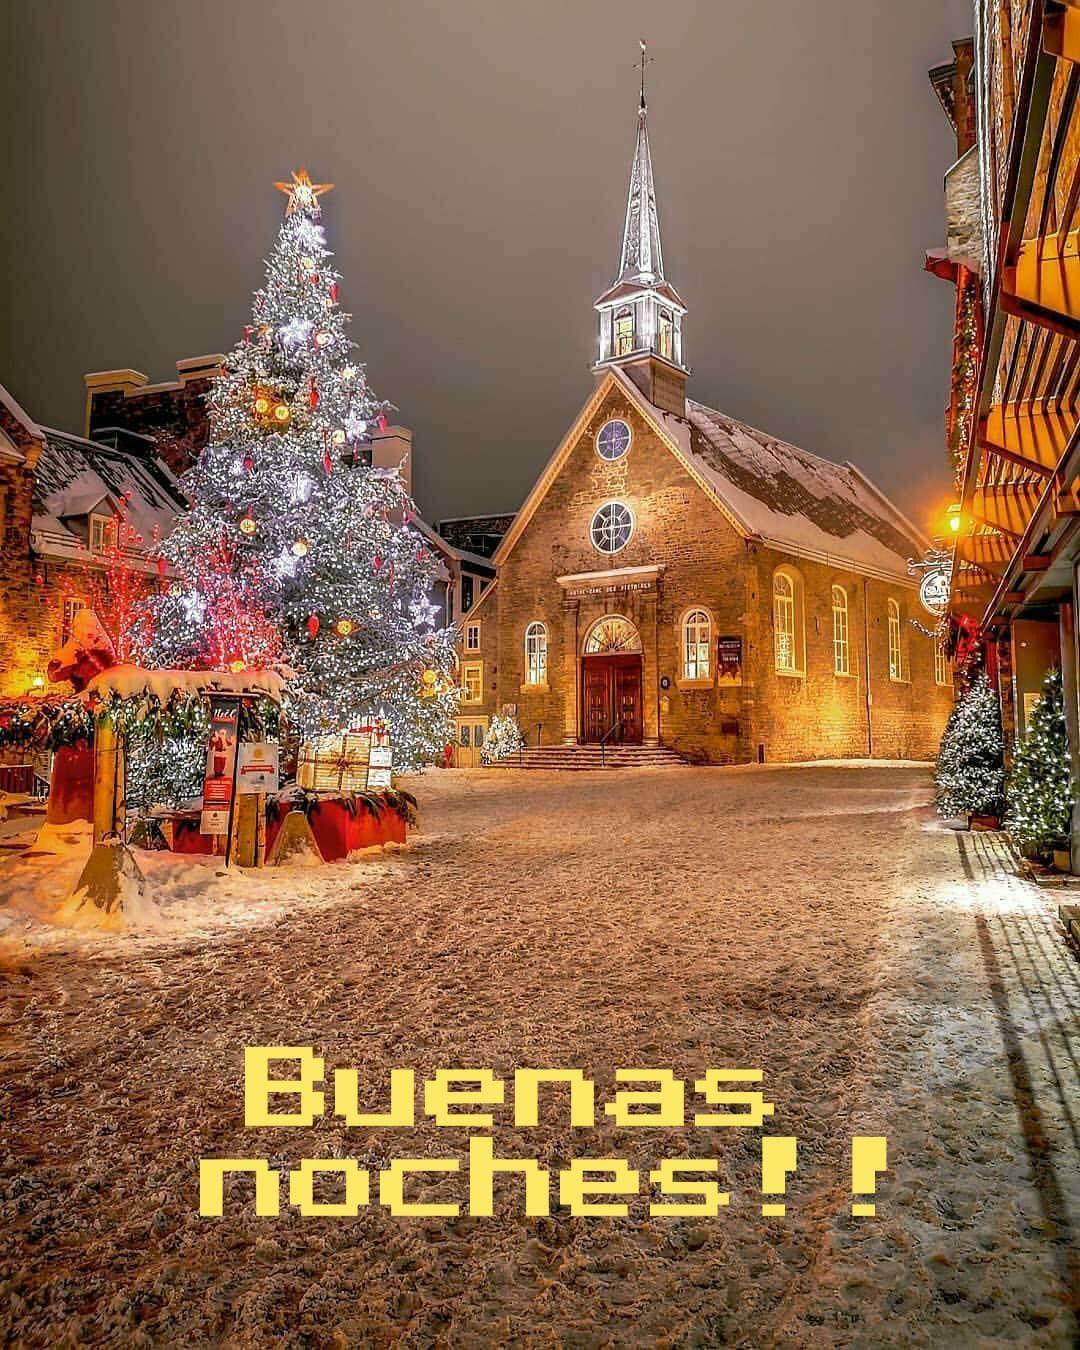 Pin De Jesus Flores En Sueño Hermosas Imágenes De Navidad Luces De Navidad Imajenes De Navidad